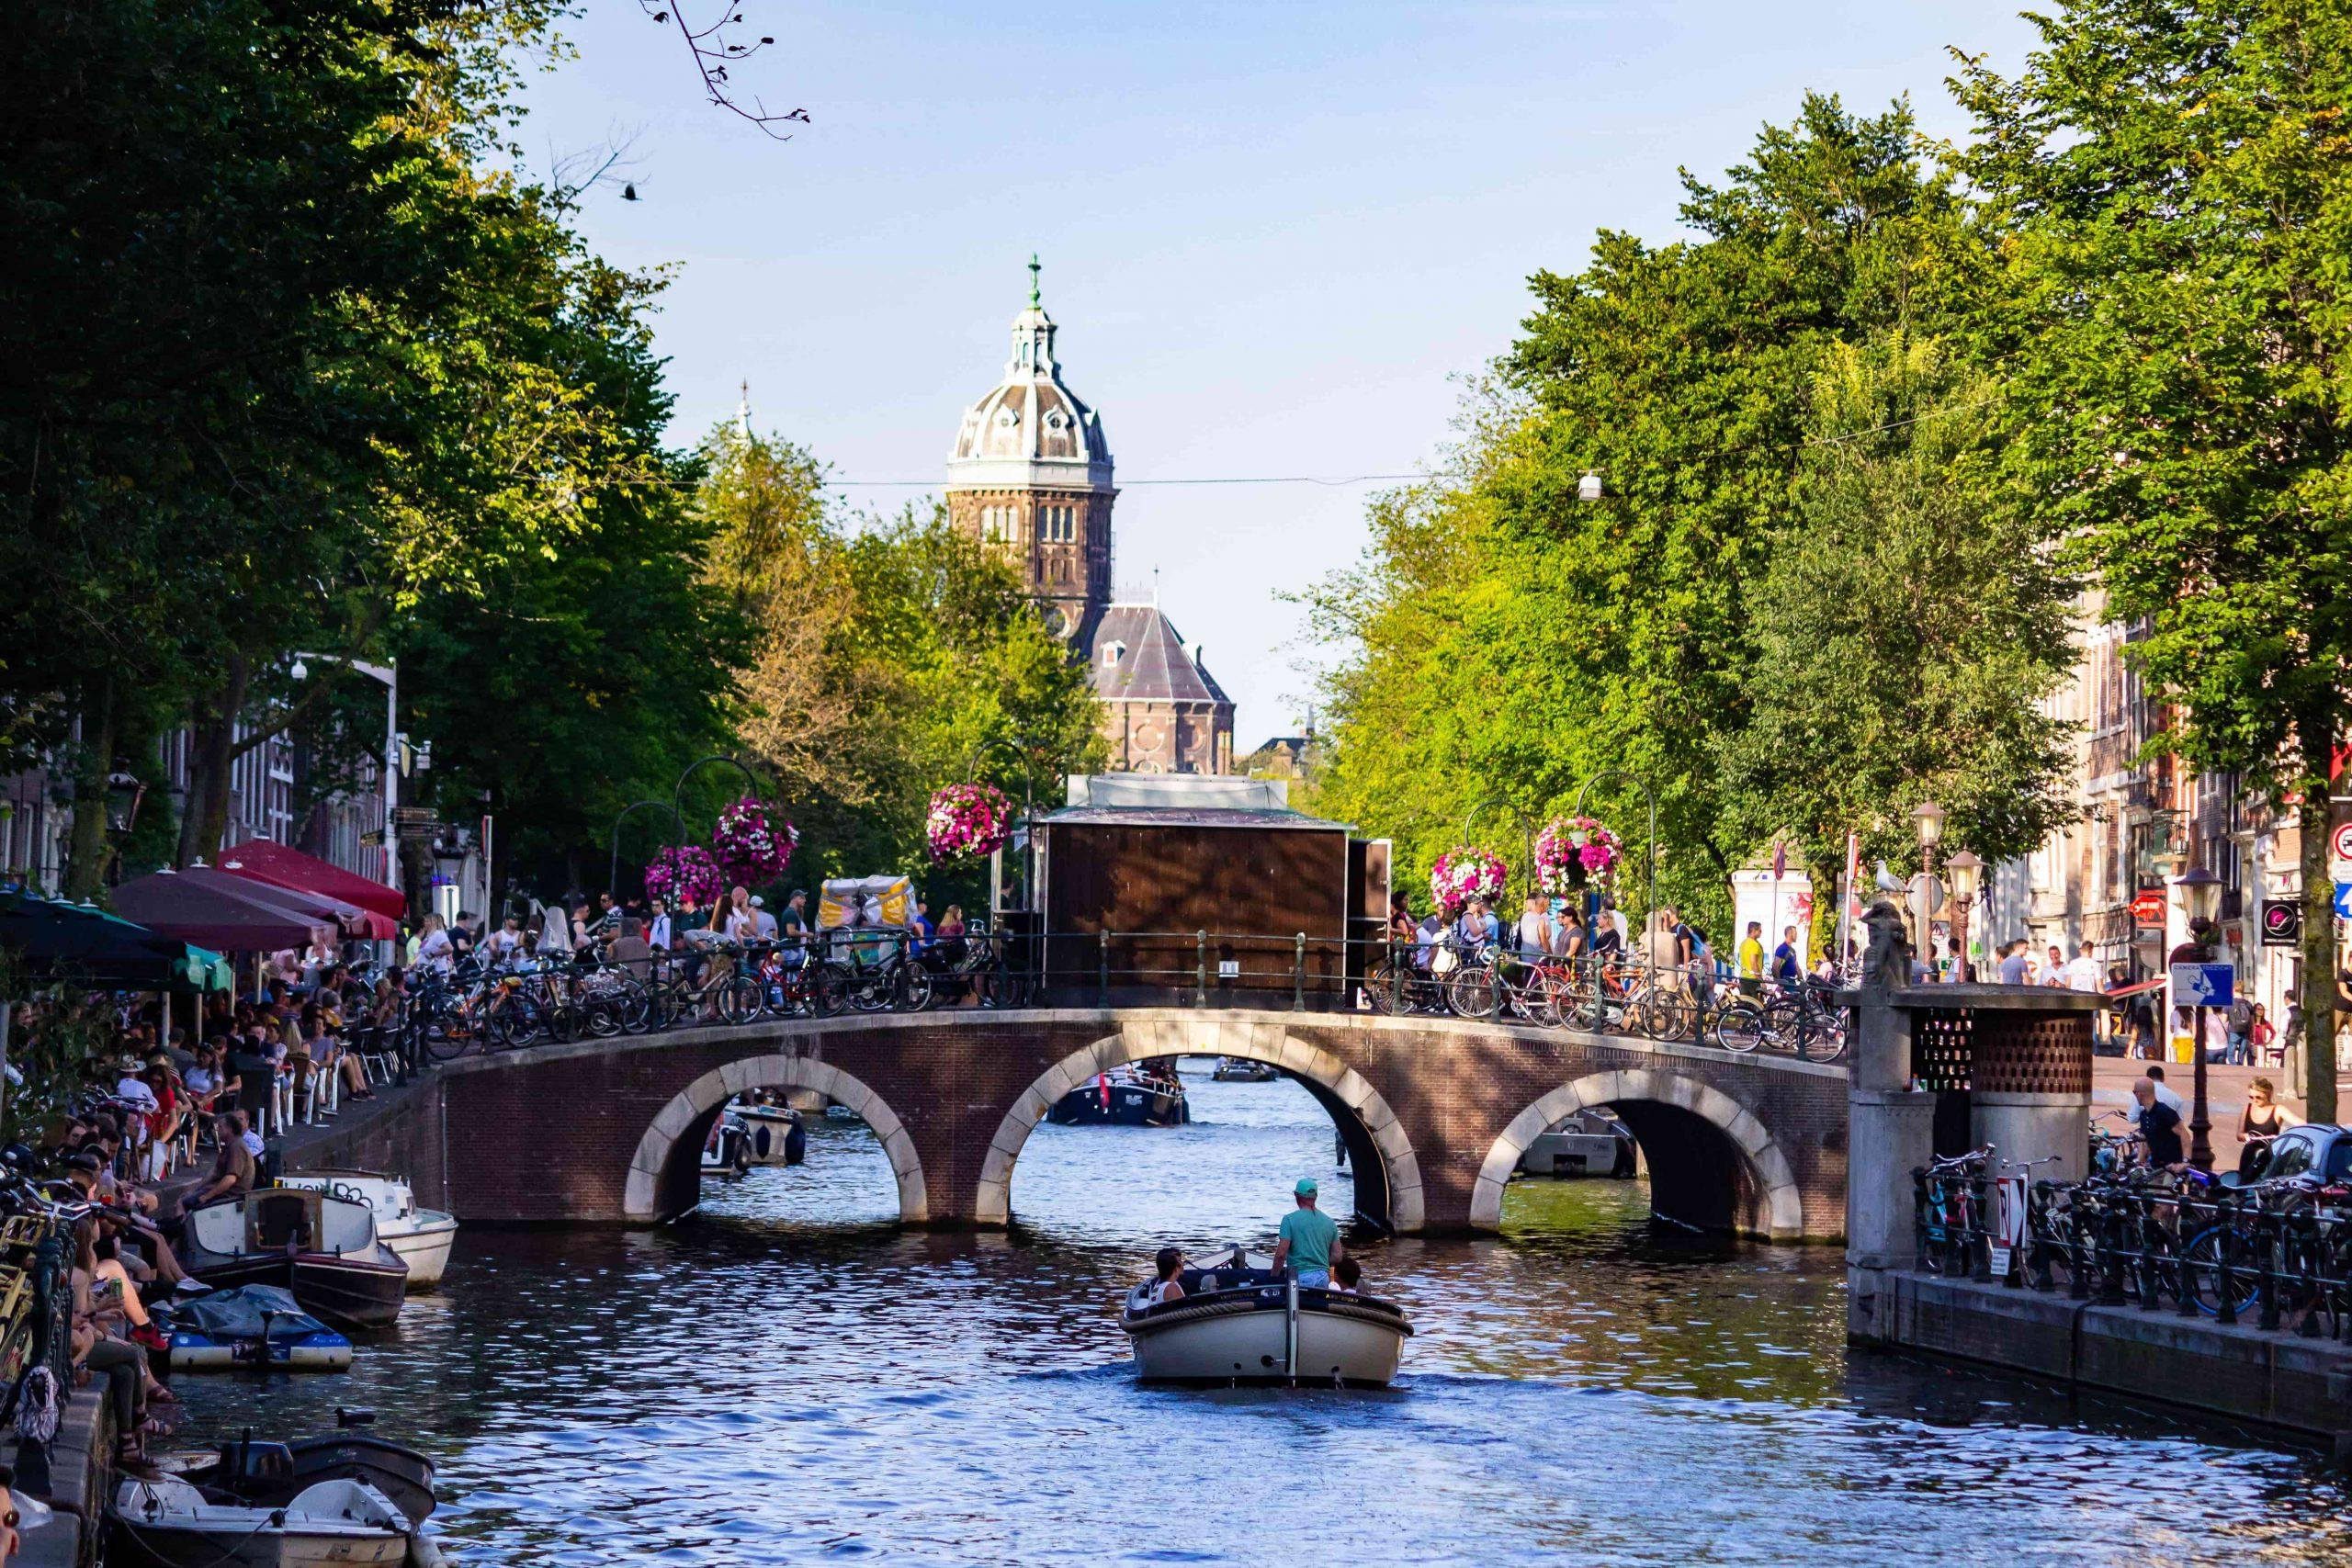 alto al turismo masivo-amsterdam